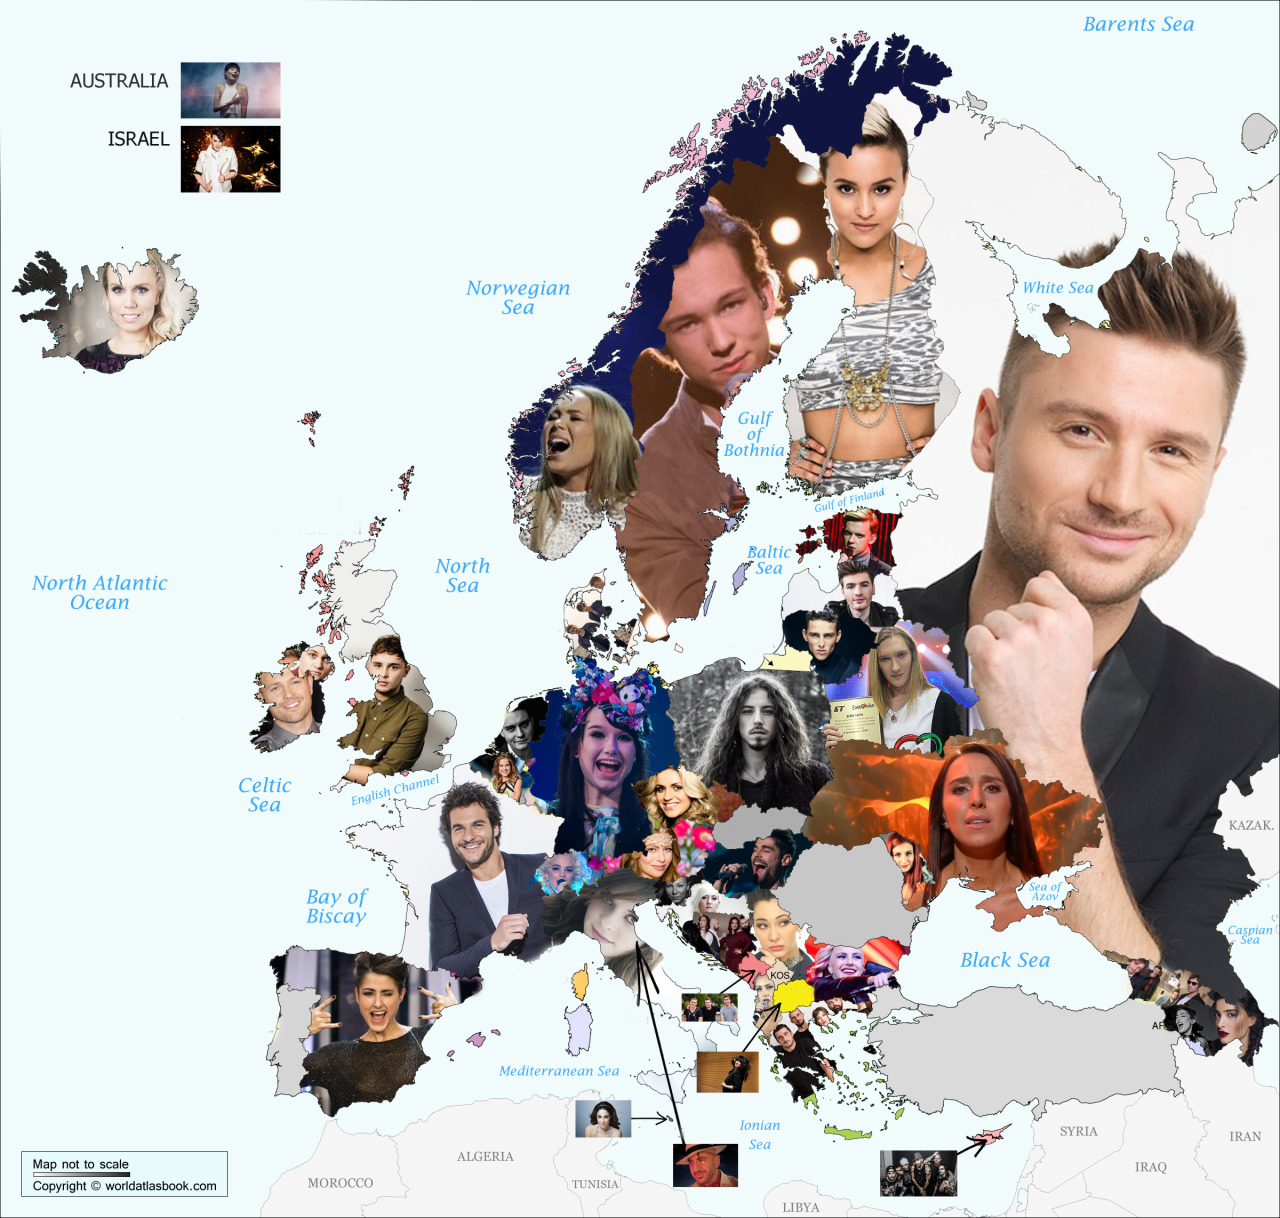 Eurovision participants (2016)